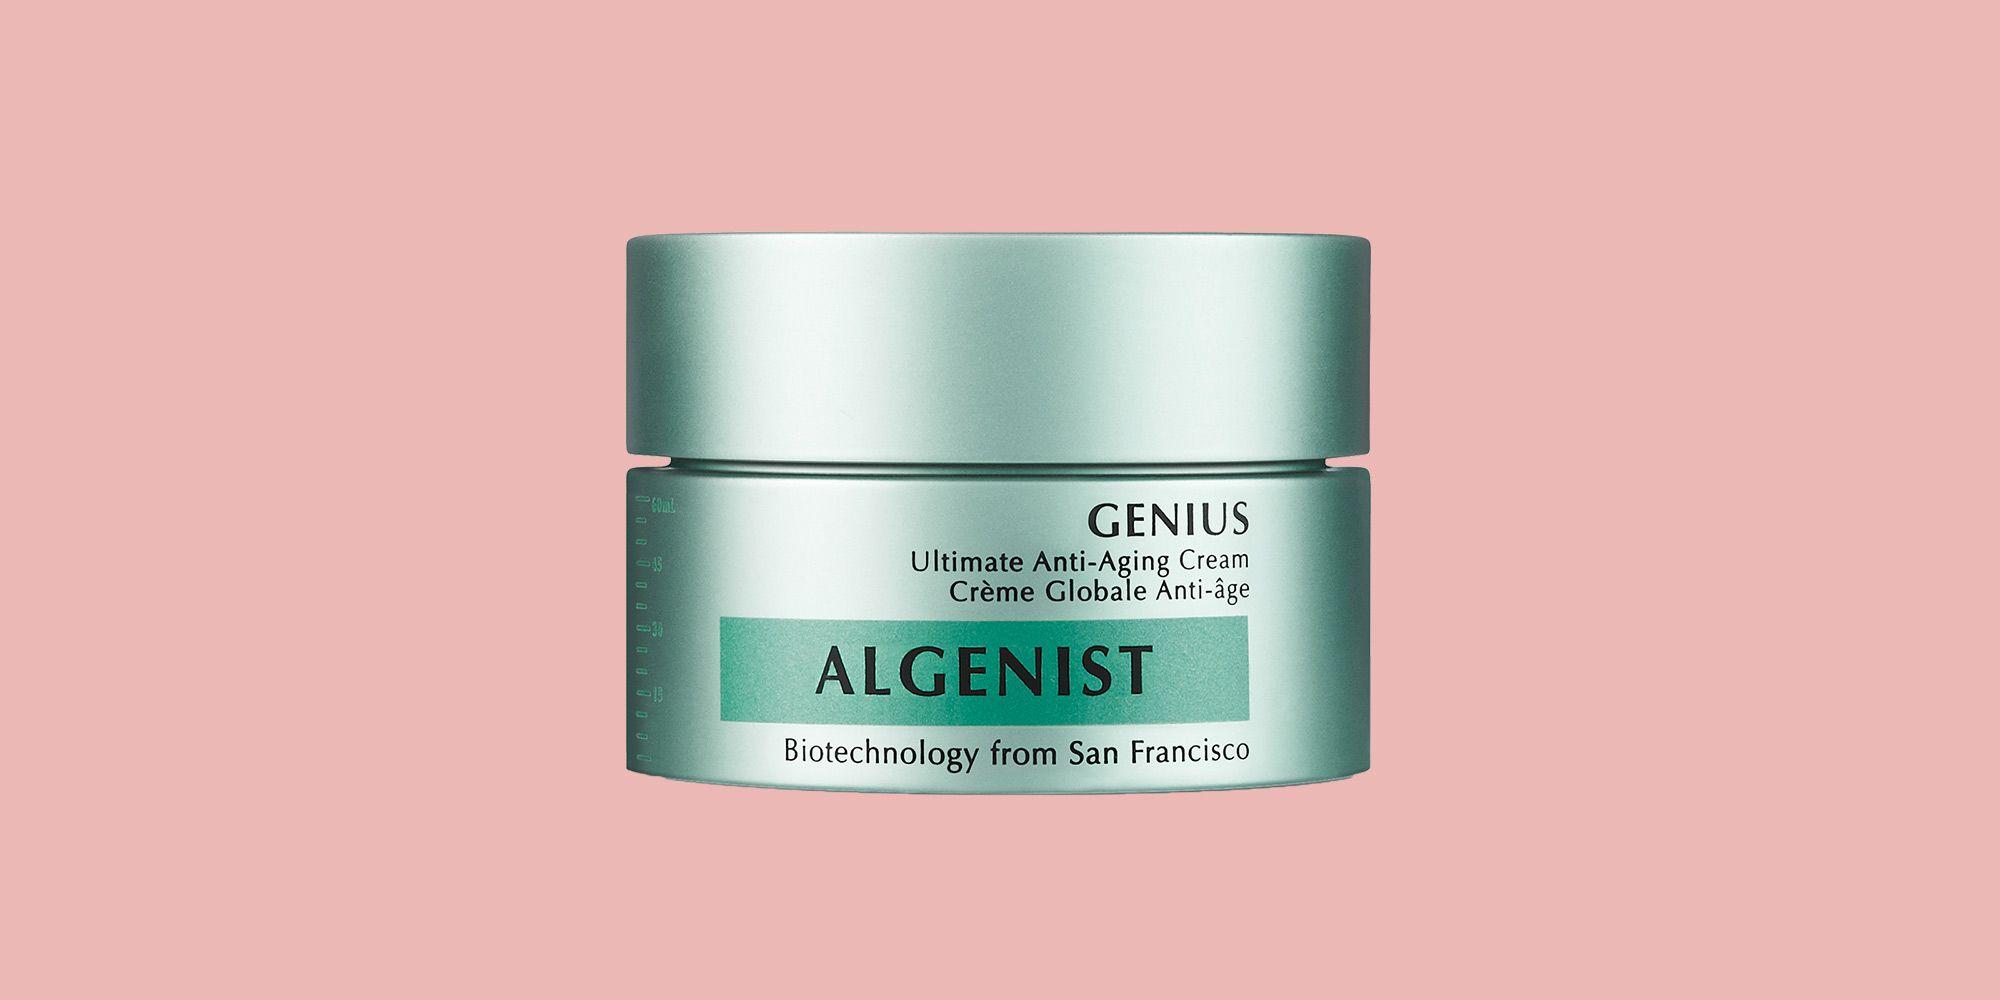 genius ultimate anti-aging emulsion